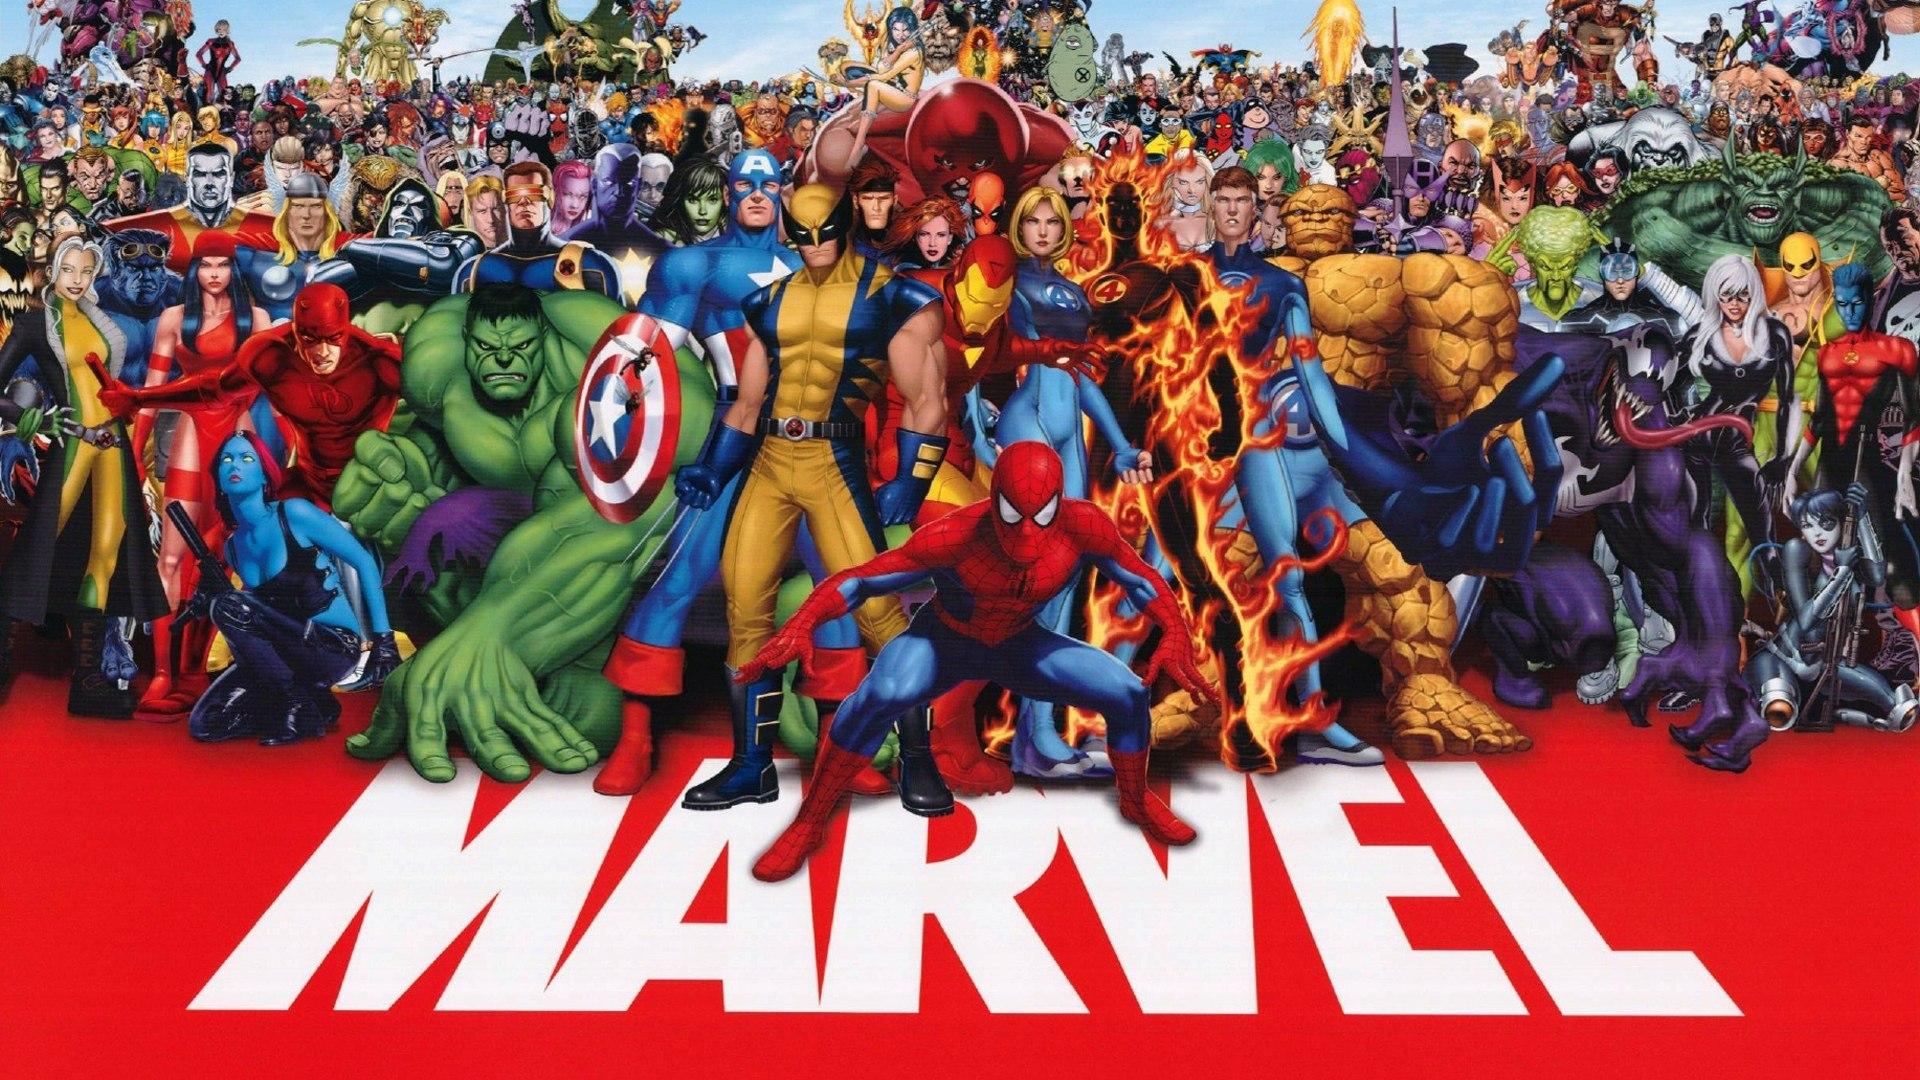 wallpaper #68 wallpaper from marvel heroes omega - gamepressure